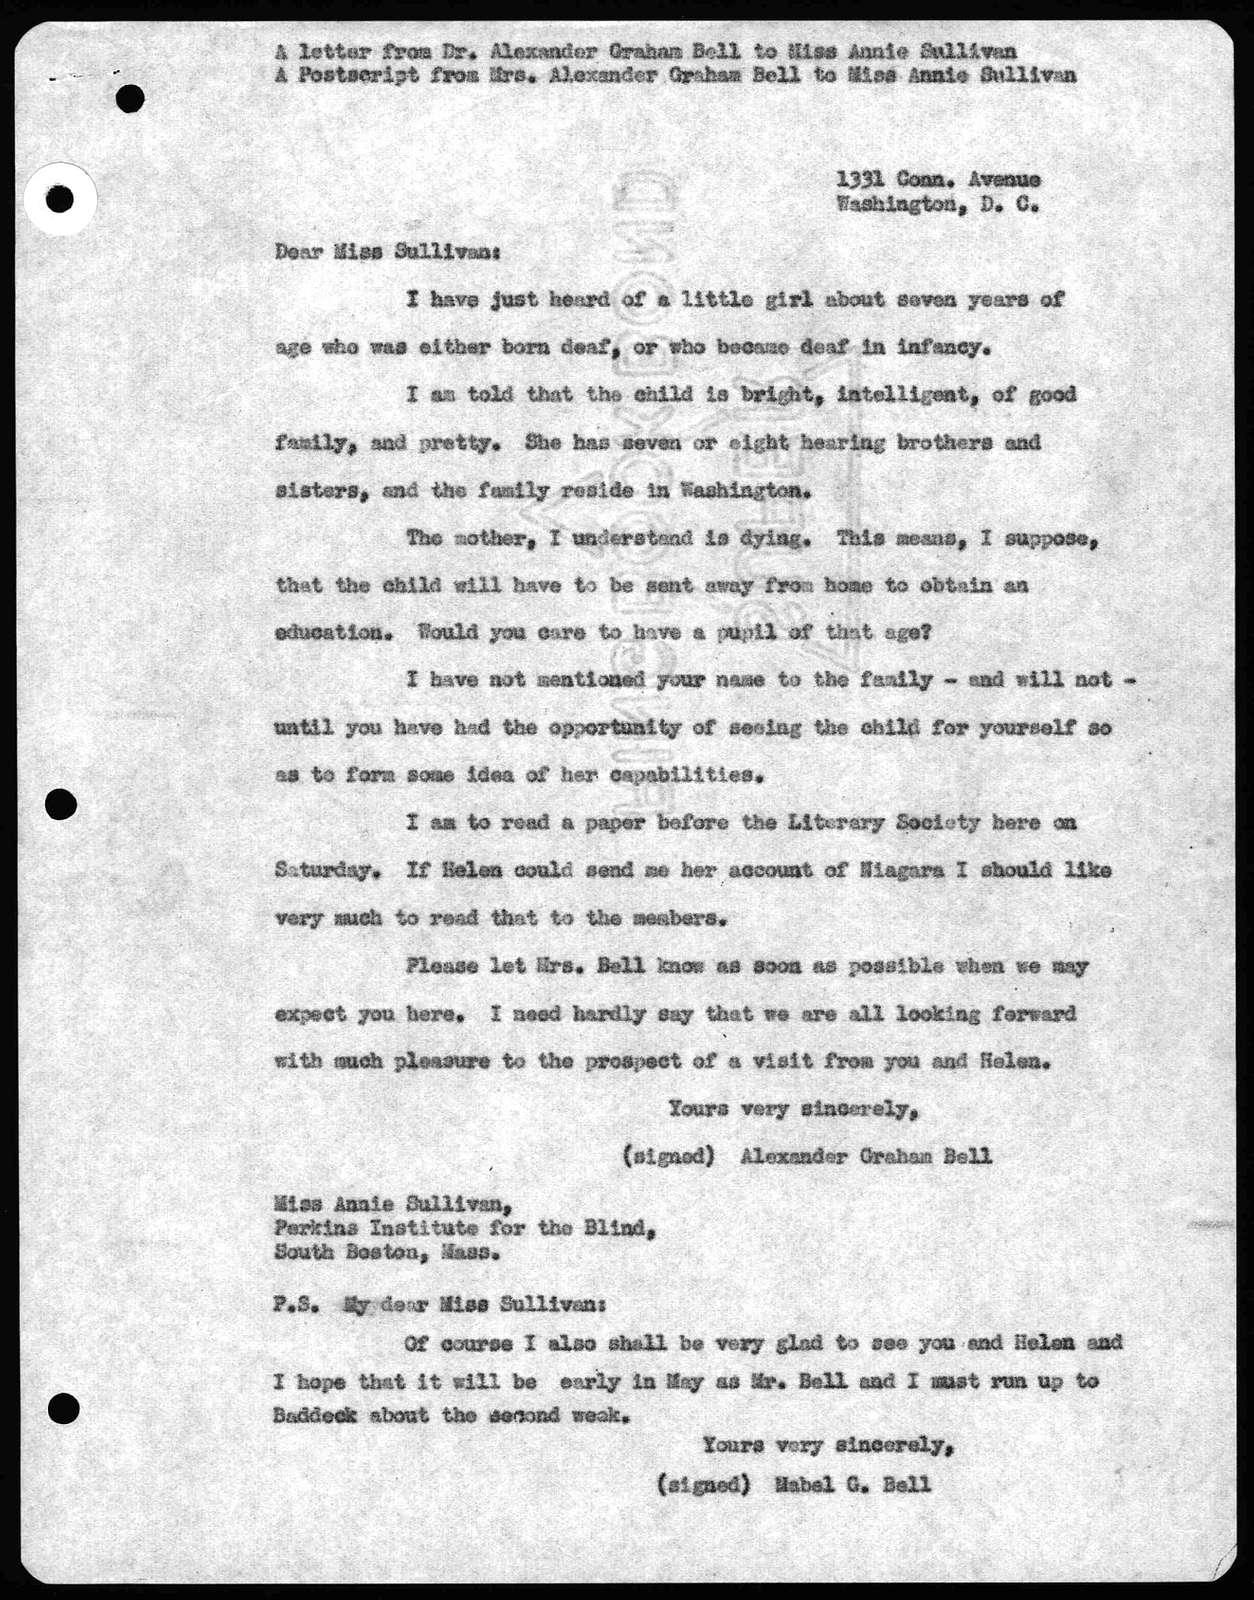 Letter from Alexander Graham Bell to Annie Sullivan, undated